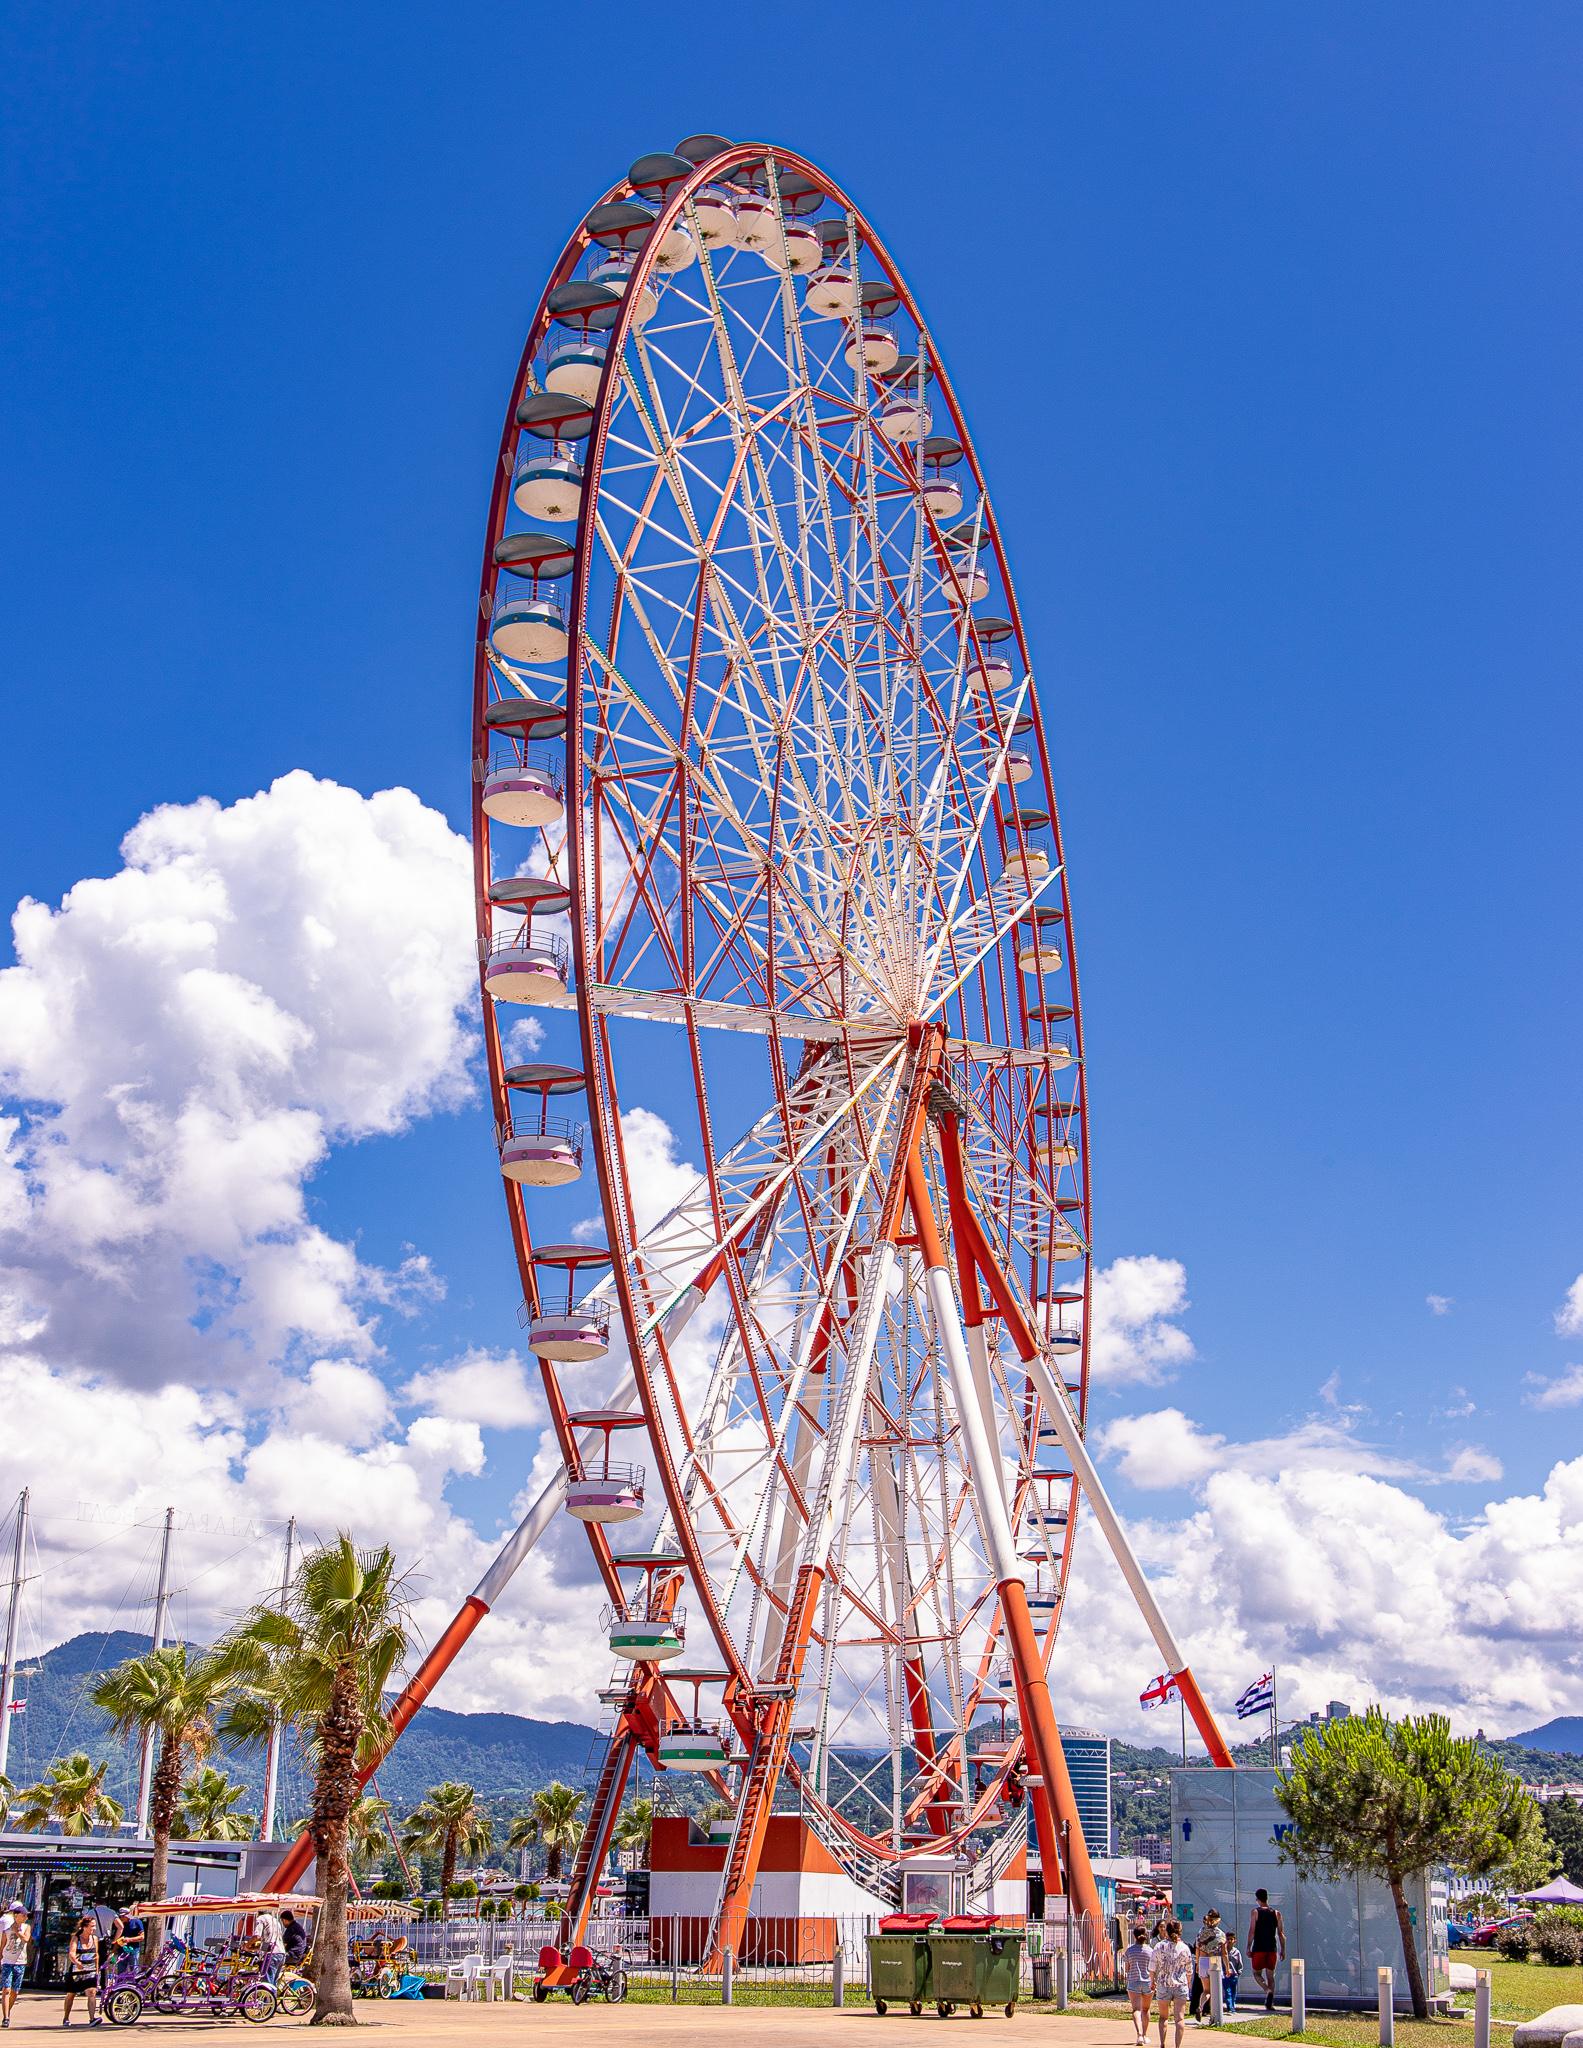 The Batumi Ferris Wheel